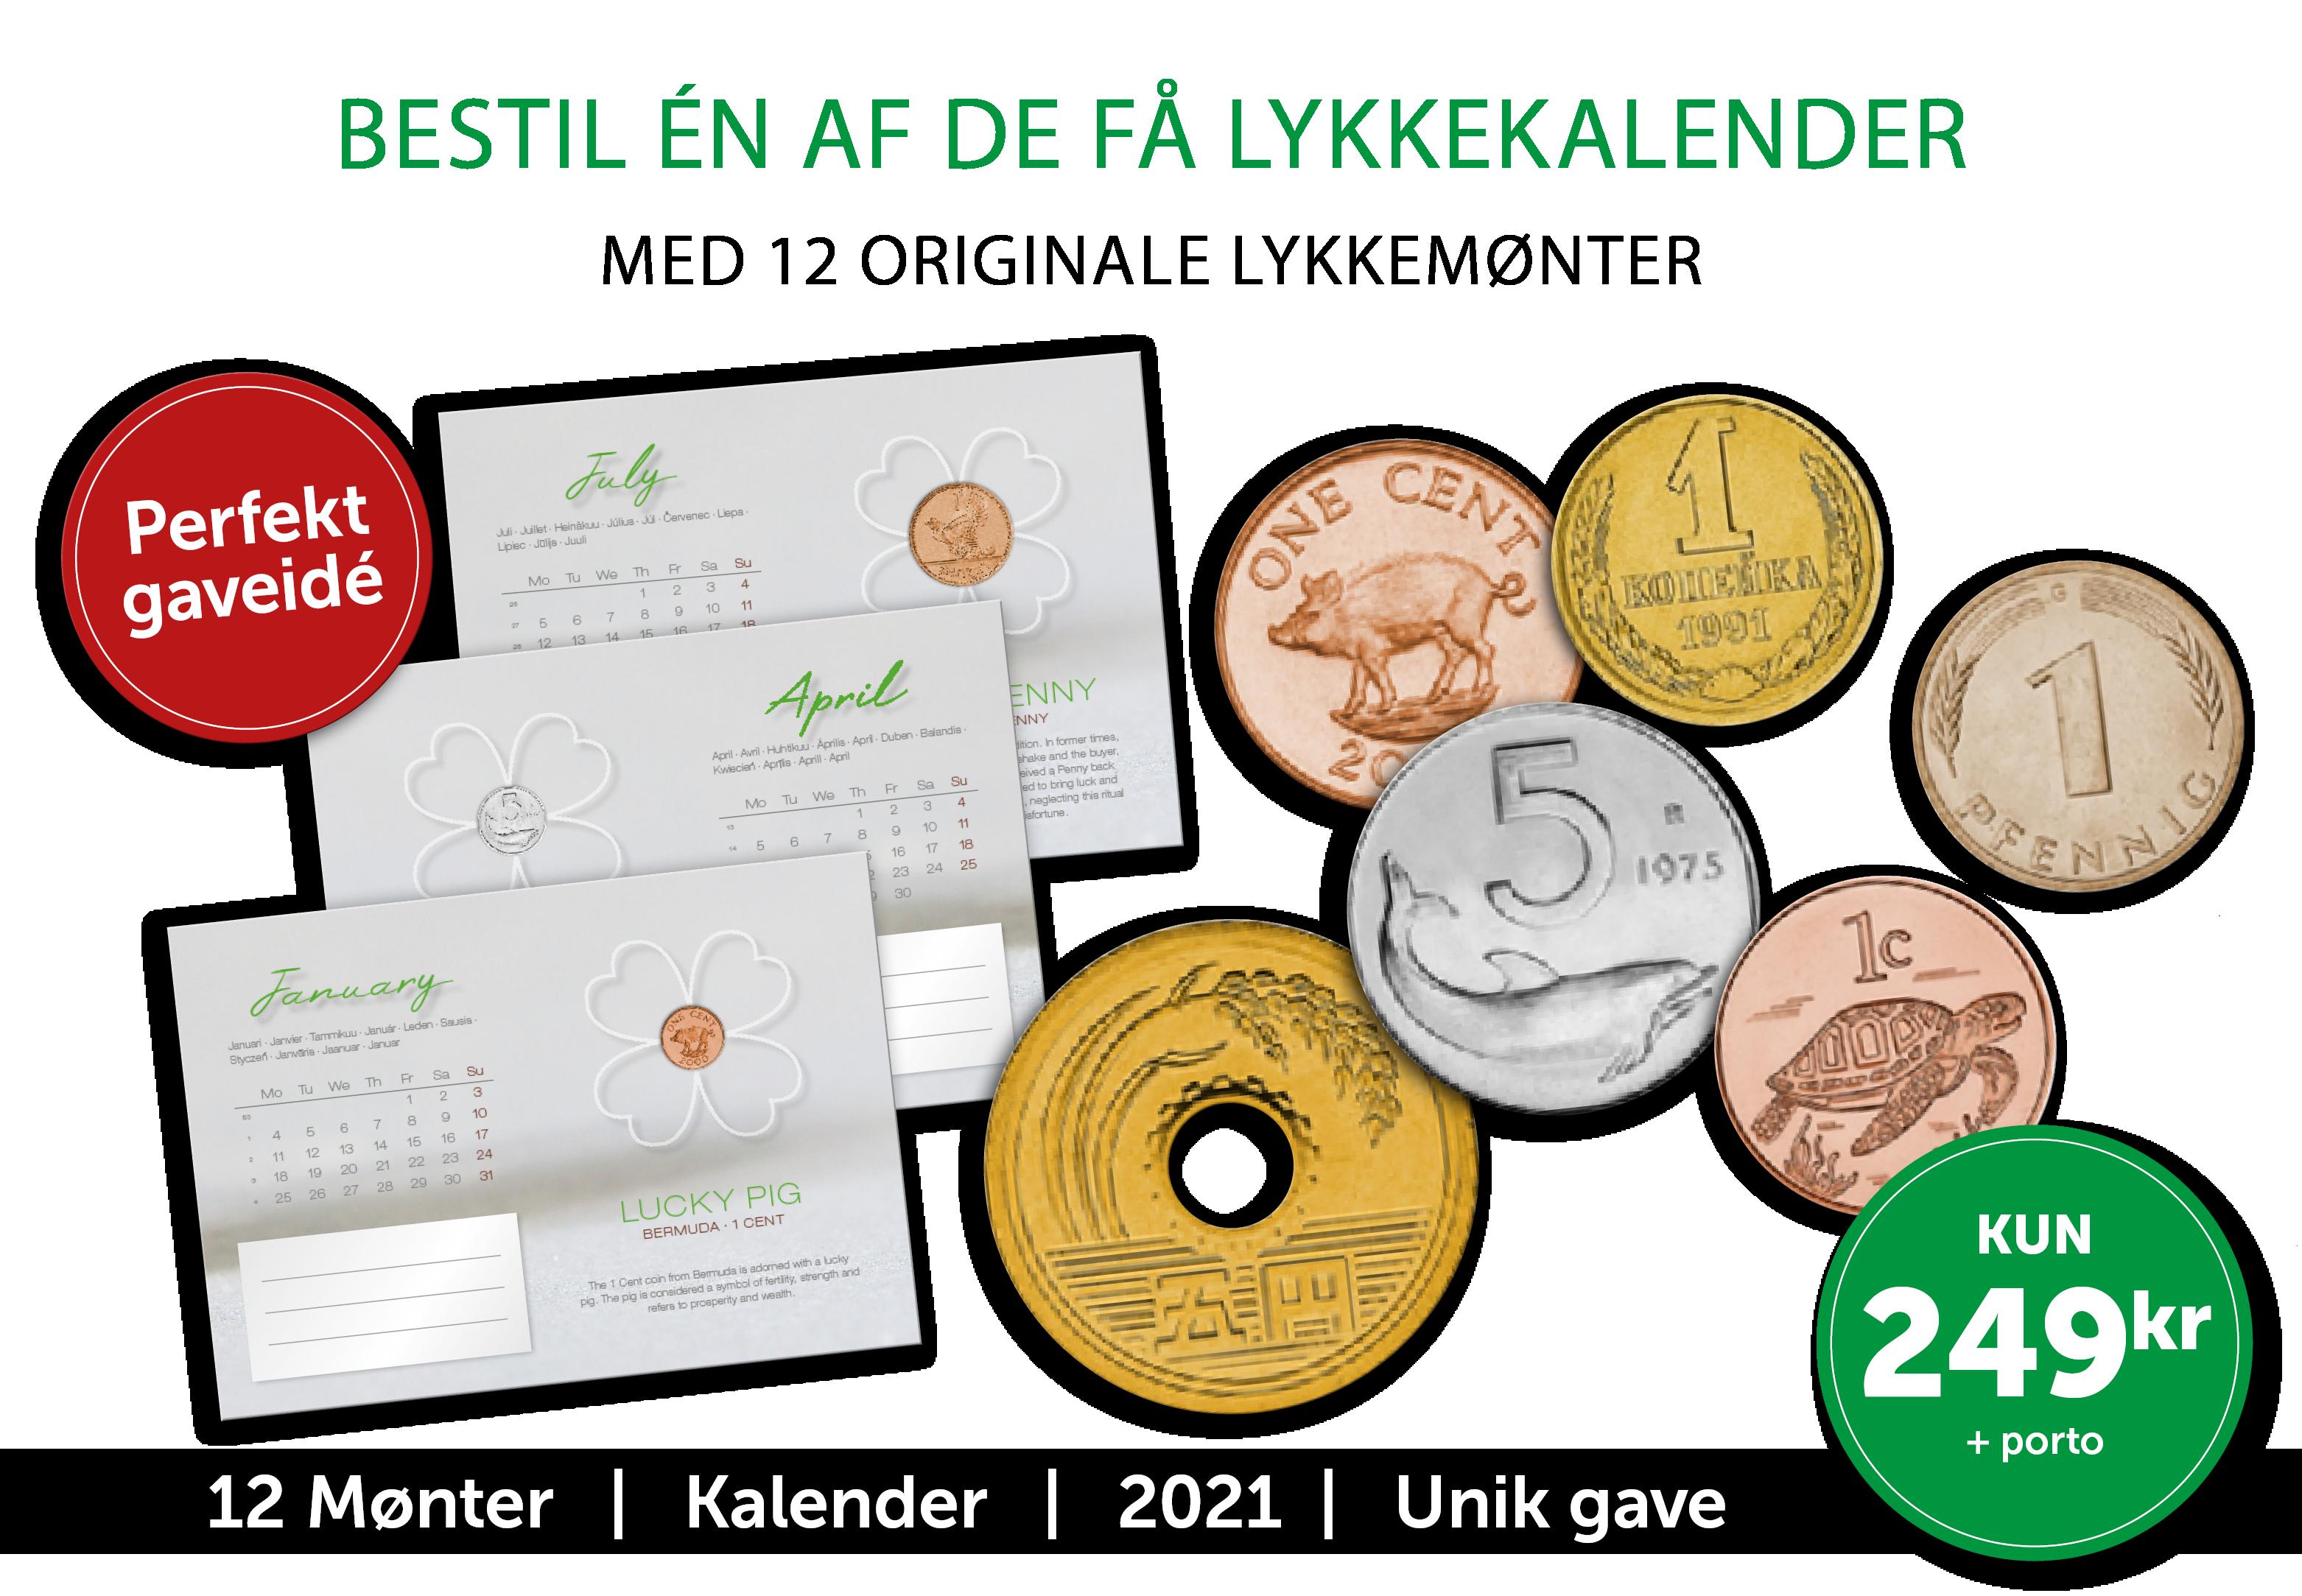 Lykke Kalender 2021 - En flot kalender med 12 lykkemønter fra hele verden